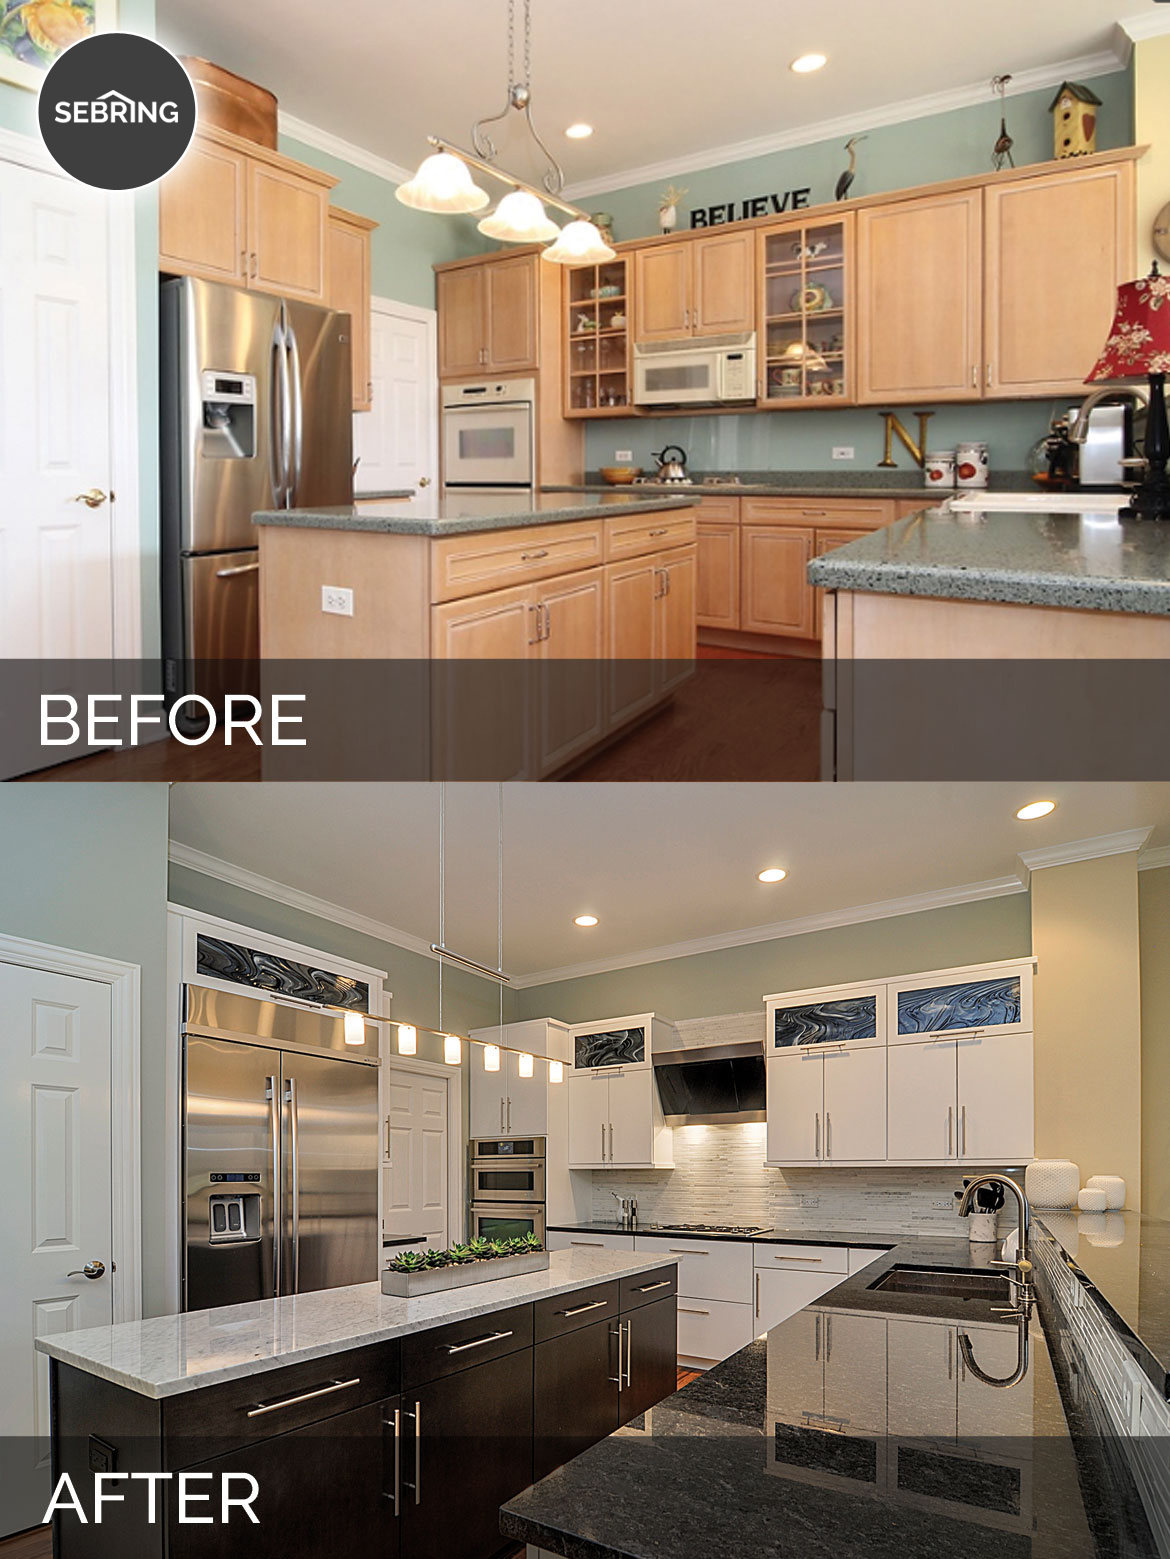 Before & After Kitchen Aurora - Sebring Design Build